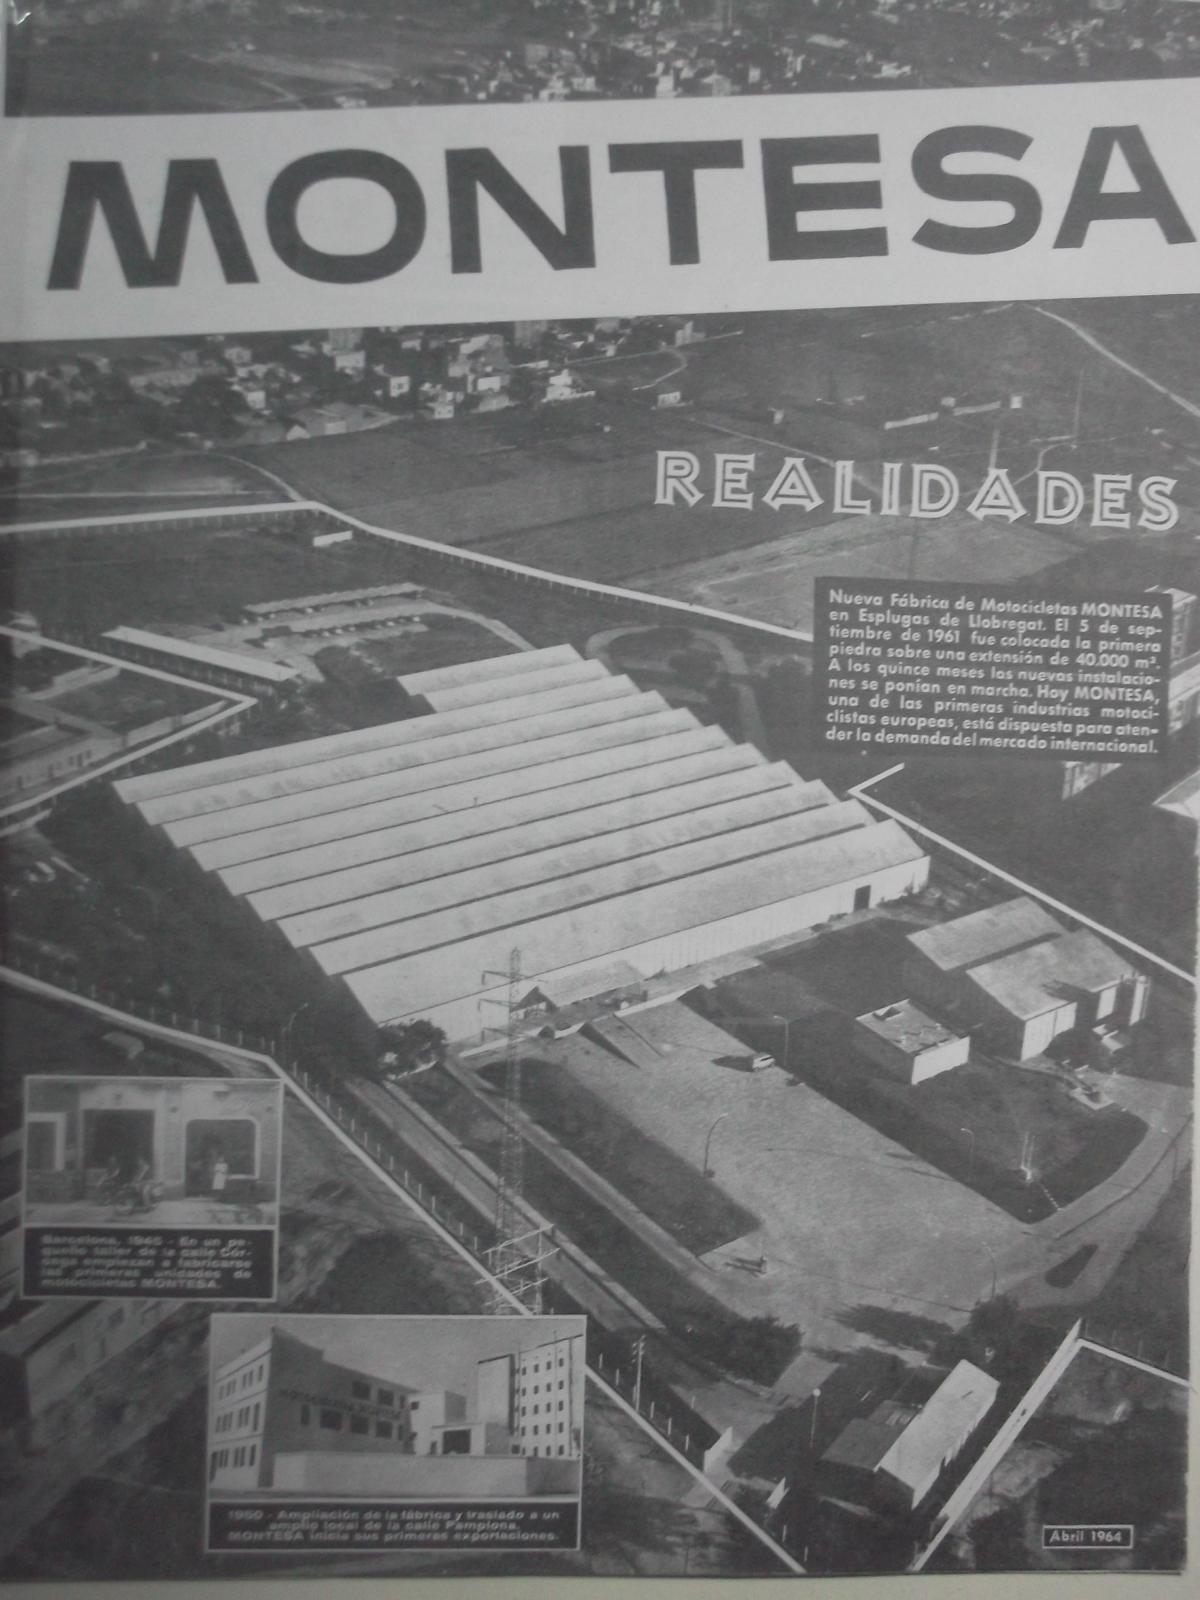 montesa - Las cuatro fábricas de Montesa - Página 2 2n6giue